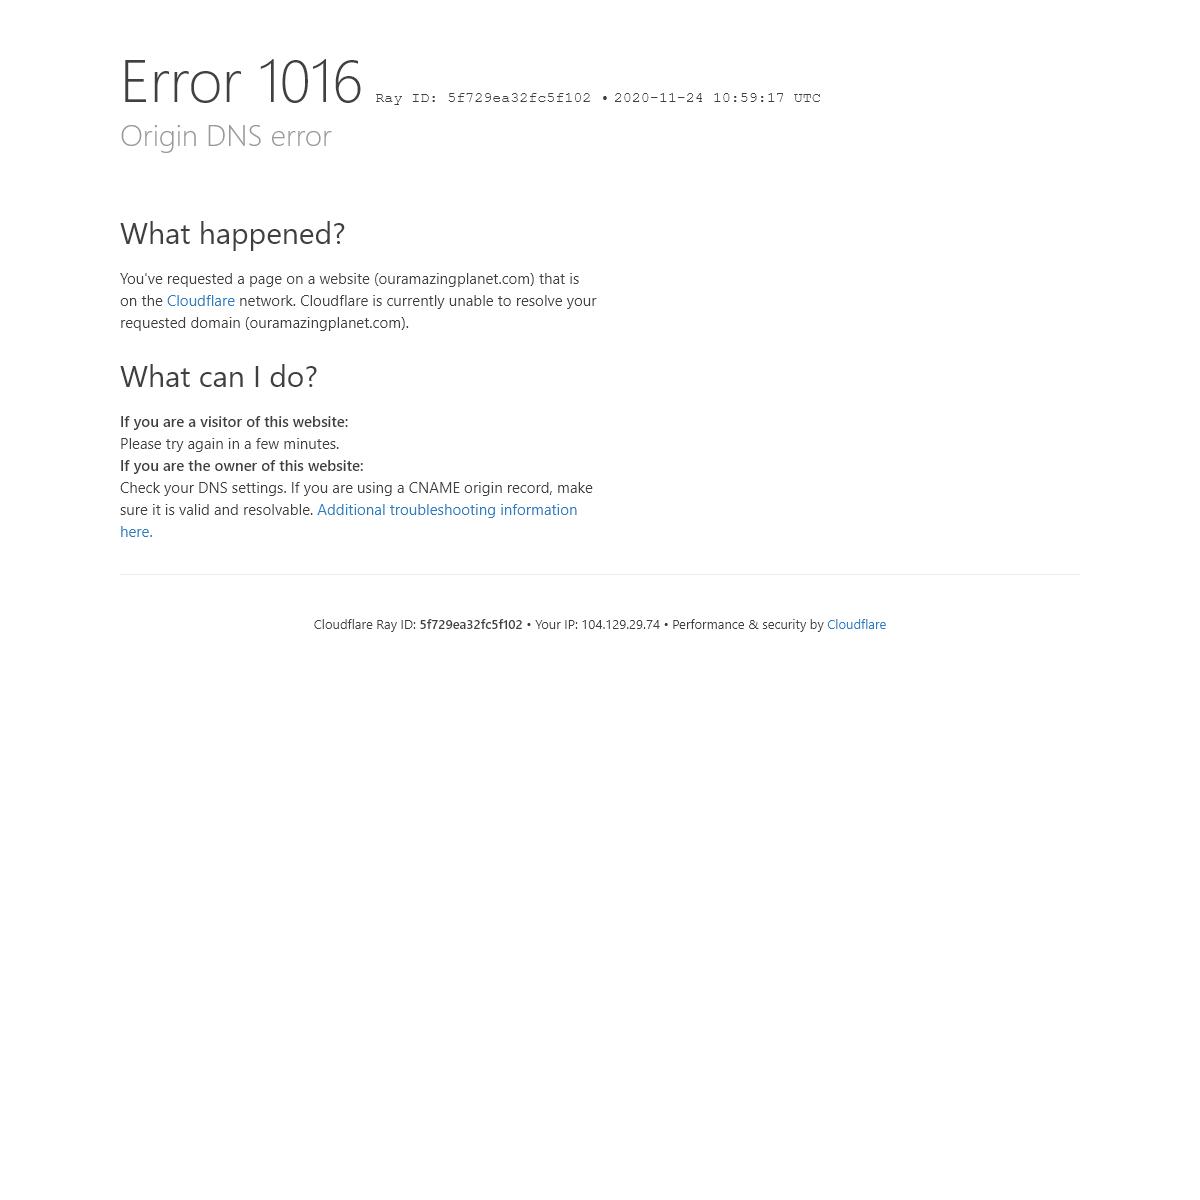 Origin DNS error - ouramazingplanet.com - Cloudflare